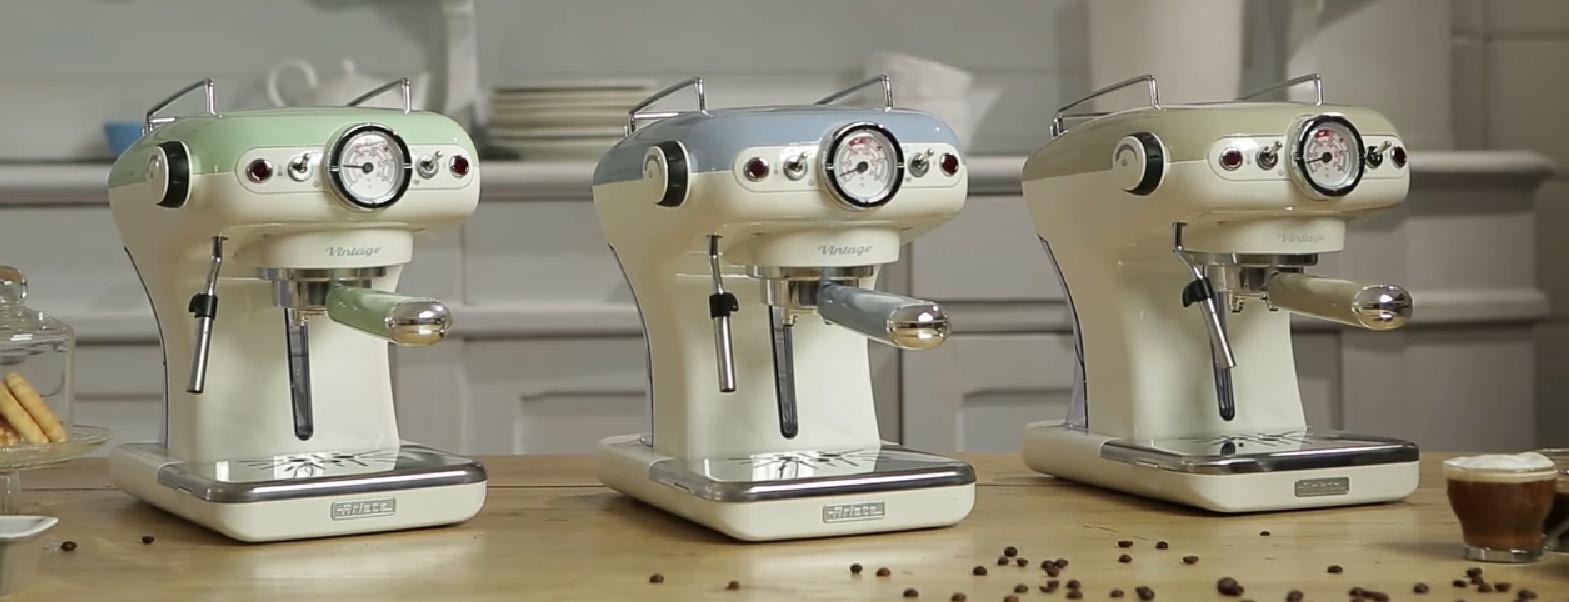 Ariete Vintage Espresso kávovar, krémový, 138913 image